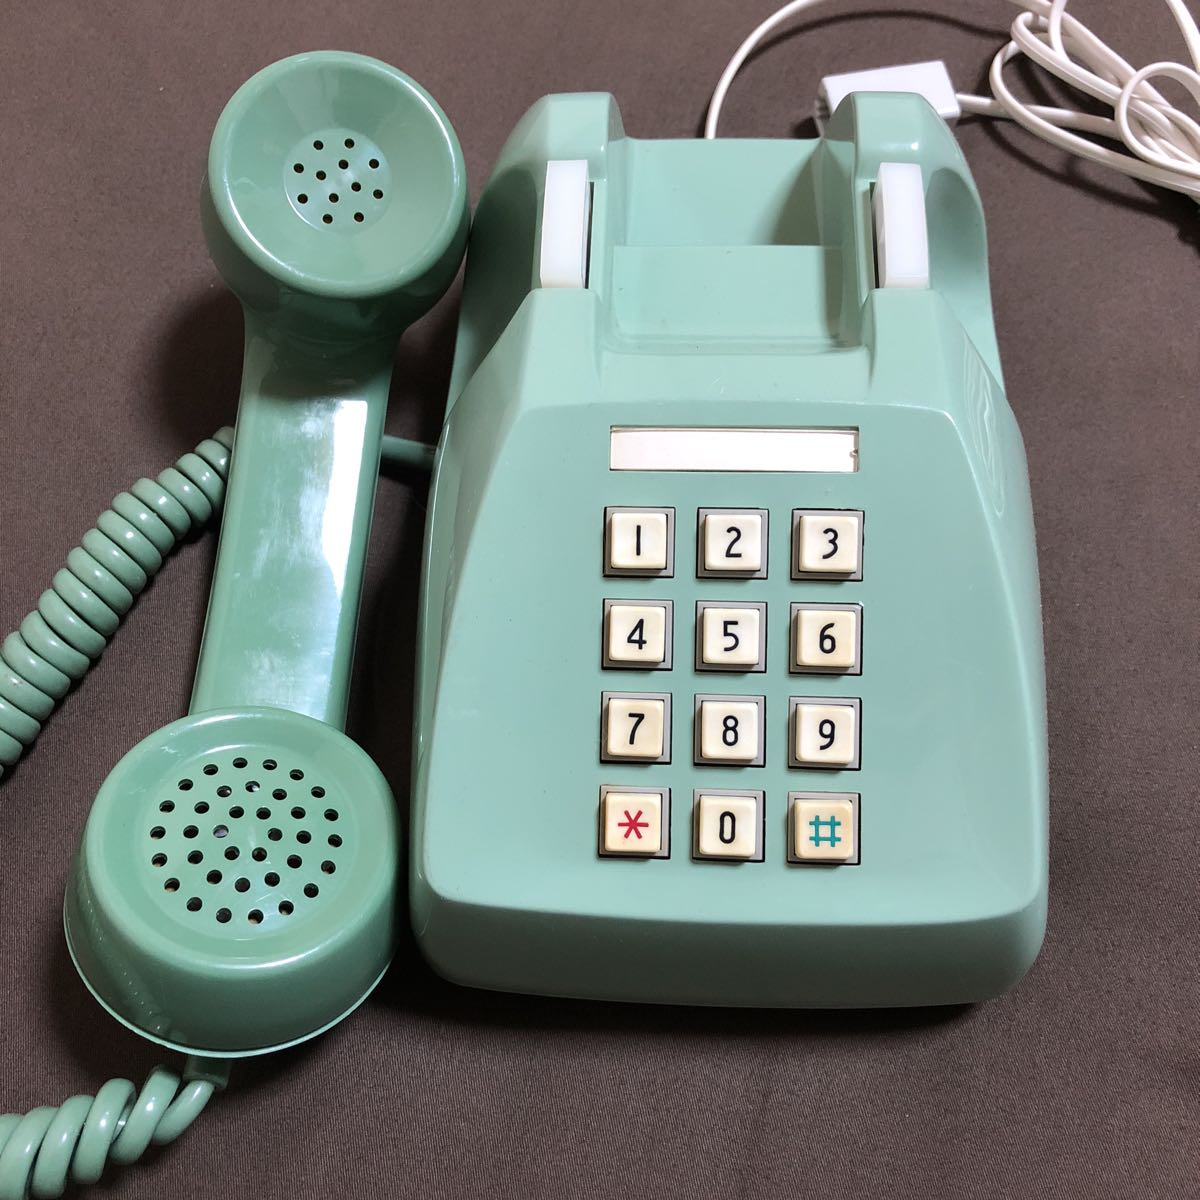 レトロ アンティーク プッシュ式電話機 600-P 日本電信電話公社 プッシュホン グリーン 緑 置物 飾り インテリア_画像2